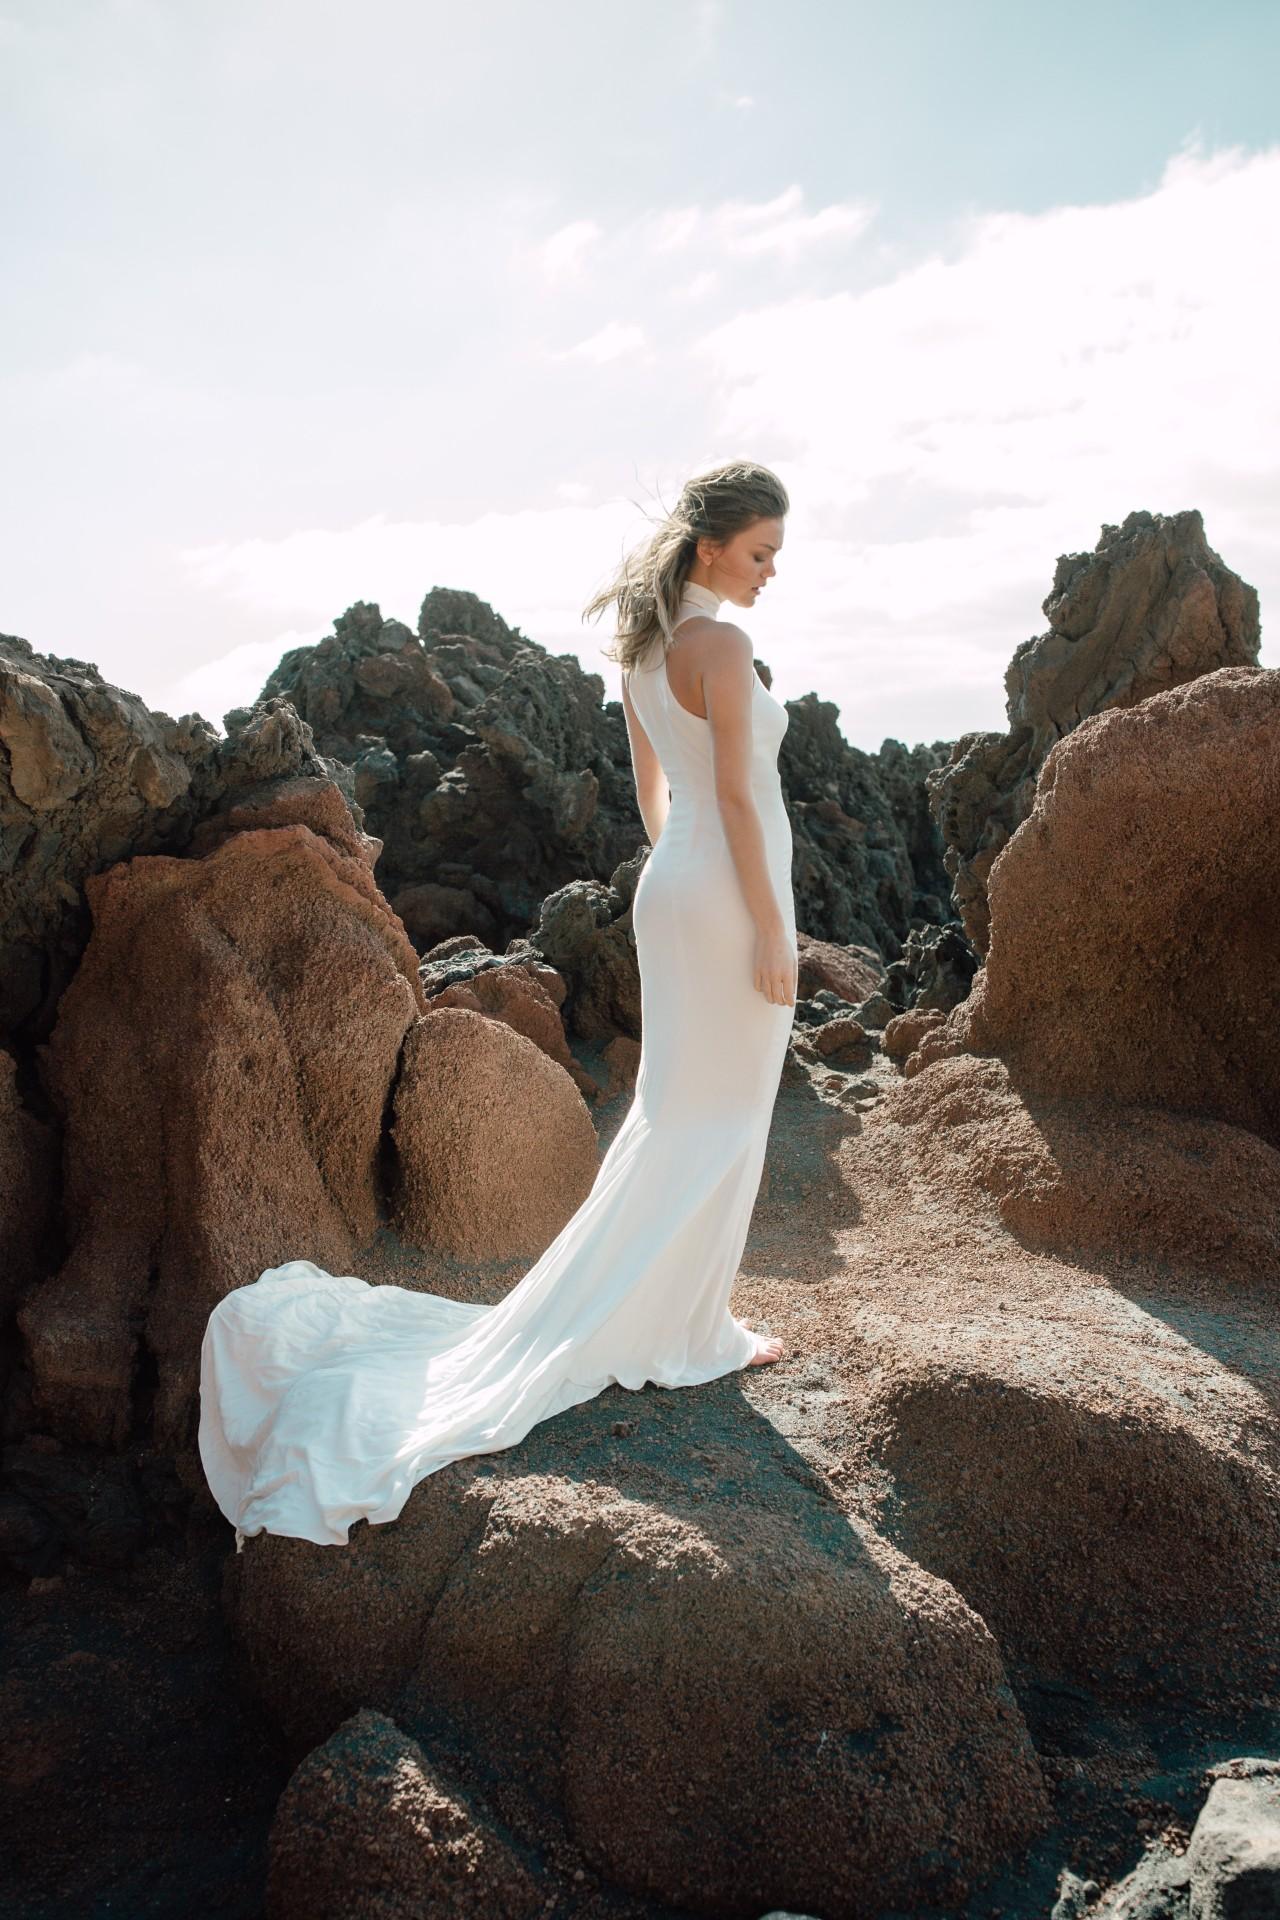 DROP DRESS - Langes, ärmelloses Kleid in Mermaid-Silhouette. Ringerneck mit Stehkragen. Schleppe. Reißverschluss in der hinteren Mitte.Material: 100% CV1995 €auch erhältlich aus 100% Seide:3.150 €